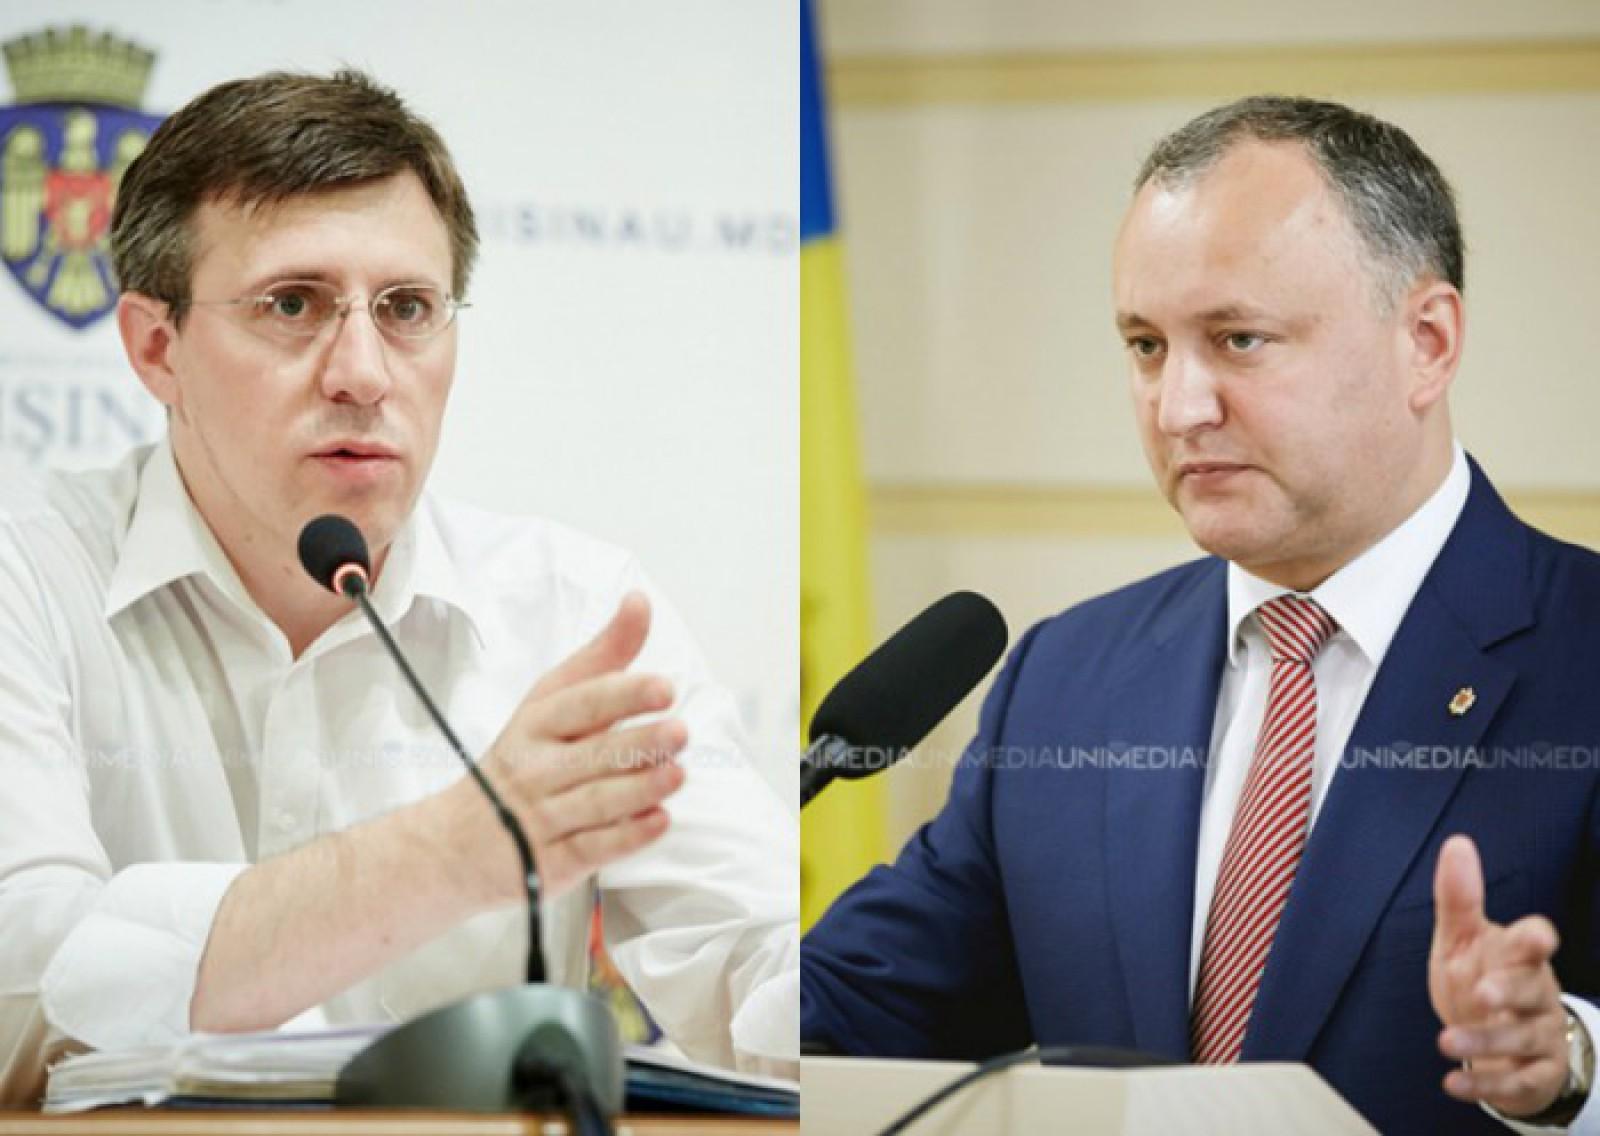 """Dorin Chirtoacă: """"Pe cine ați votat, moldoveni?"""". Motivul pentru care fostul edil al capitalei îl consideră pe Dodon complice oficial la furtul miliardului"""